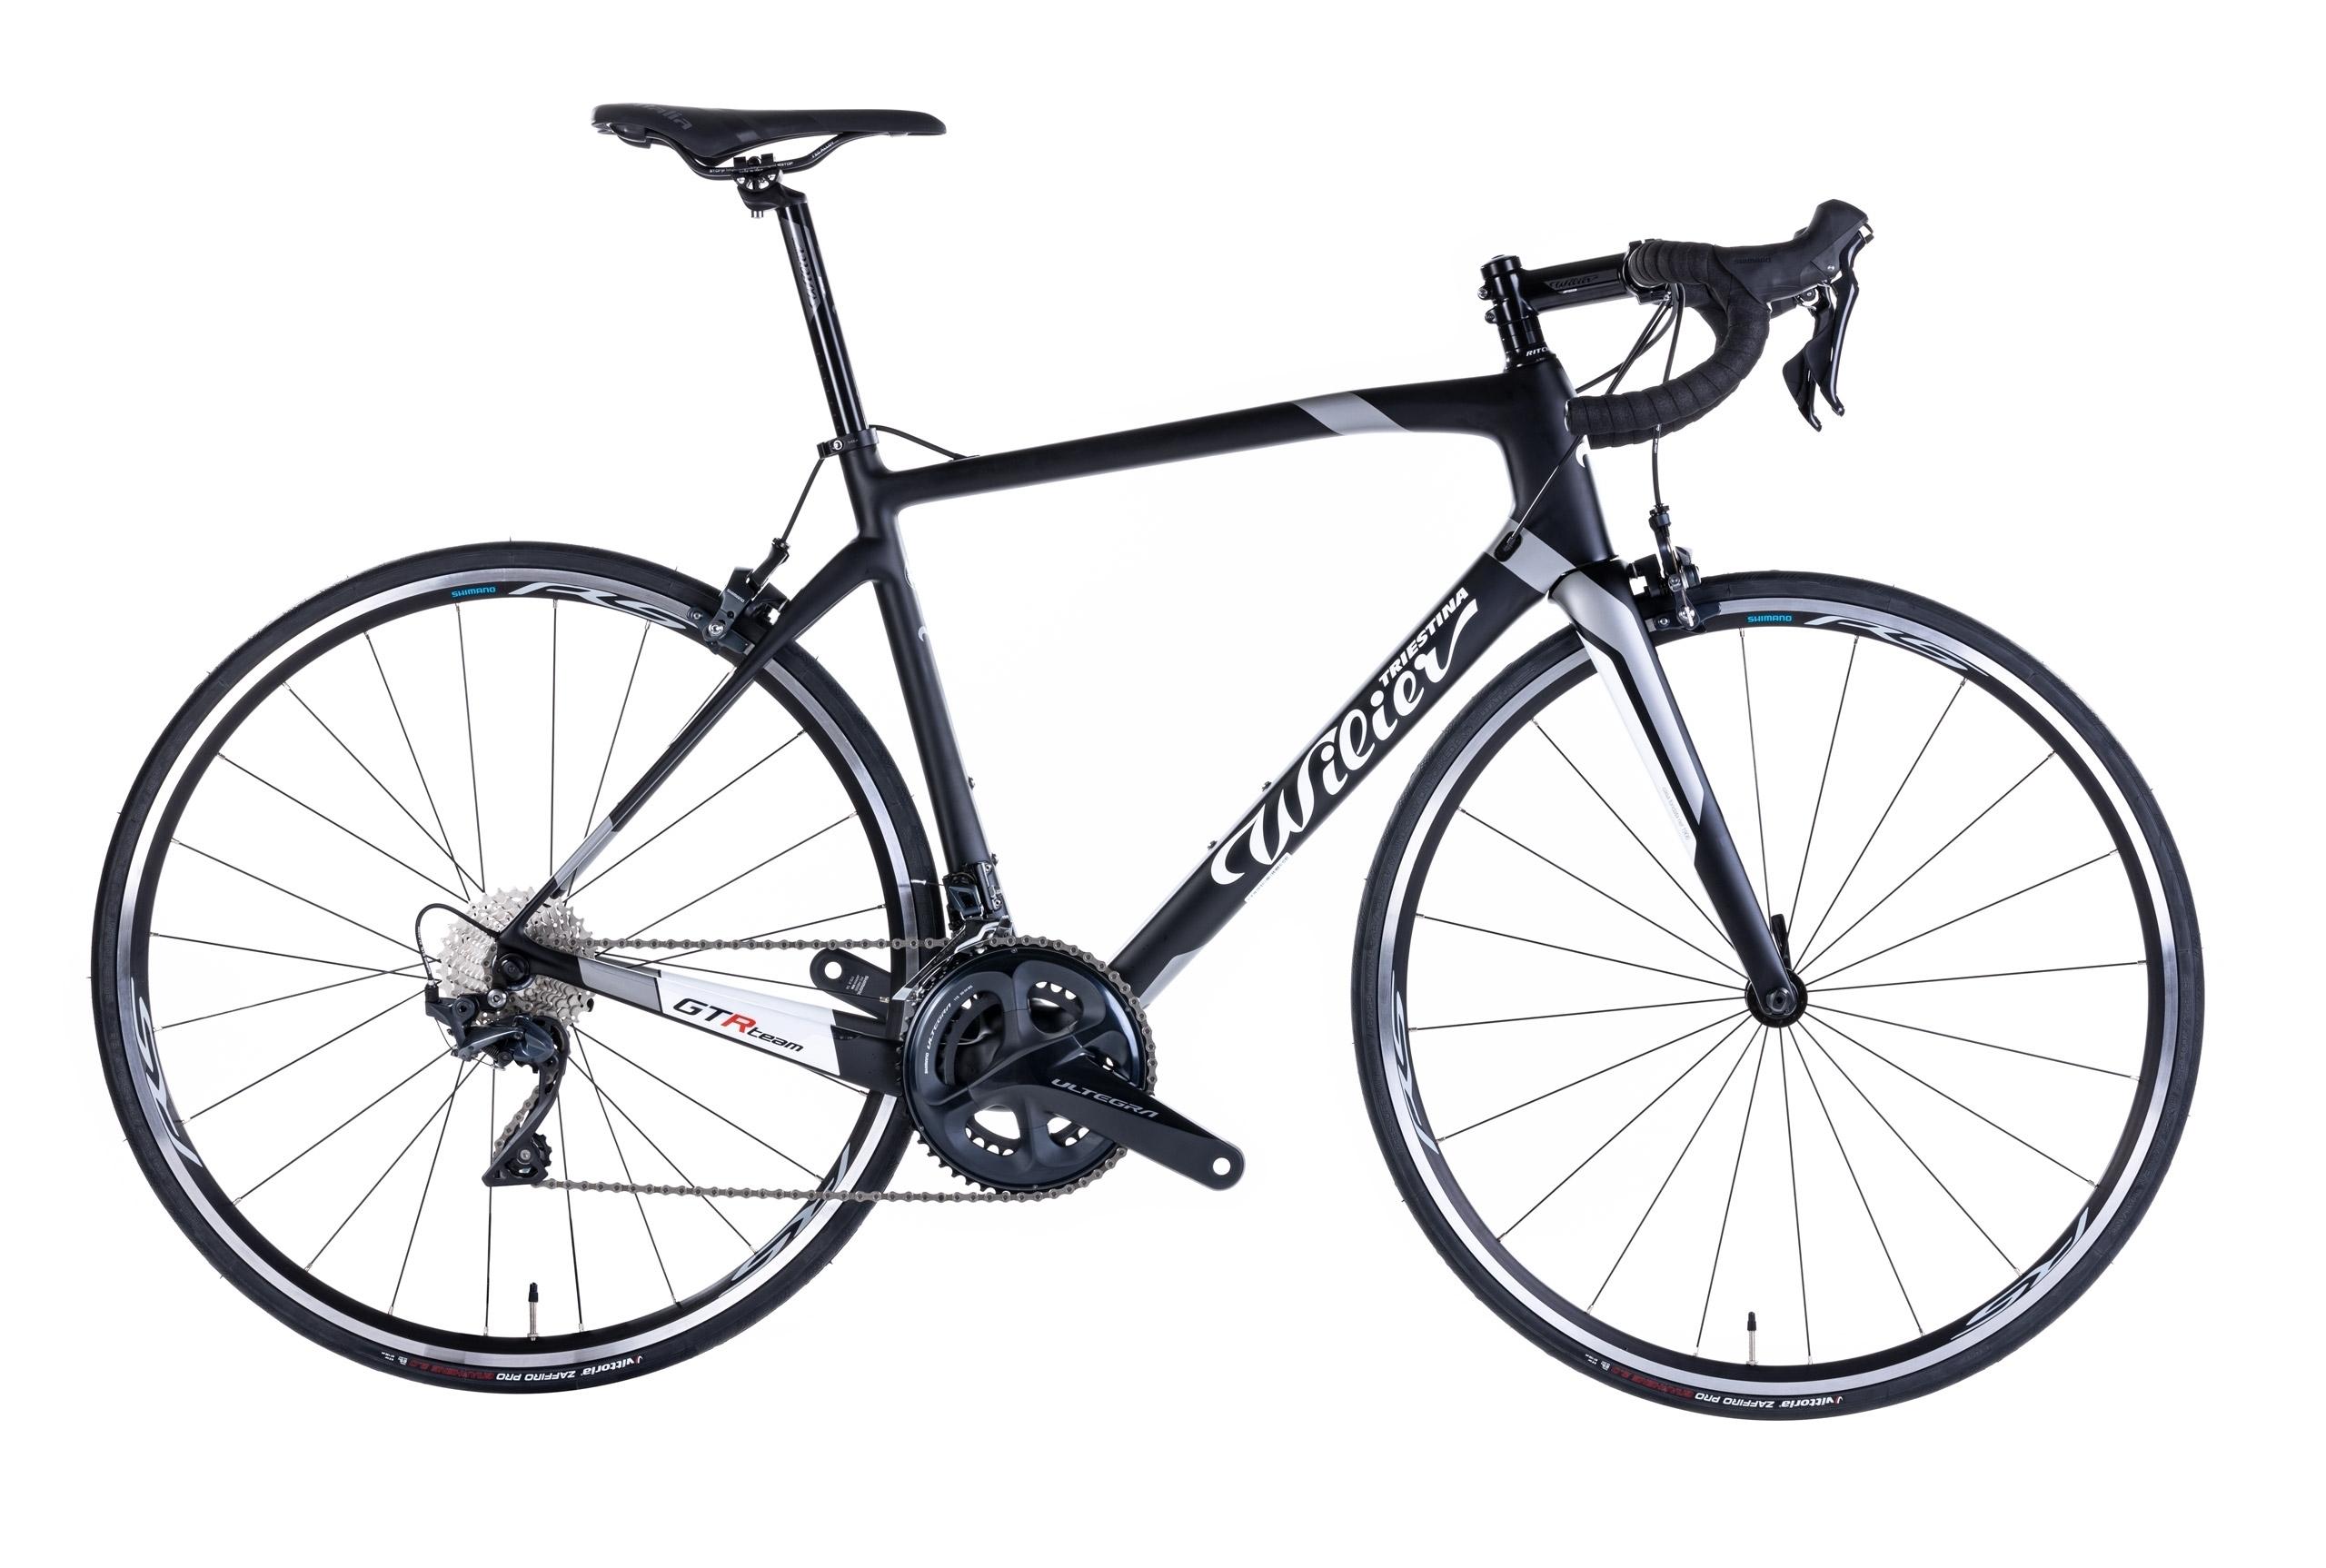 kolo GTR TEAM 2021 Rim+ULTEGRA+RS100 black white M